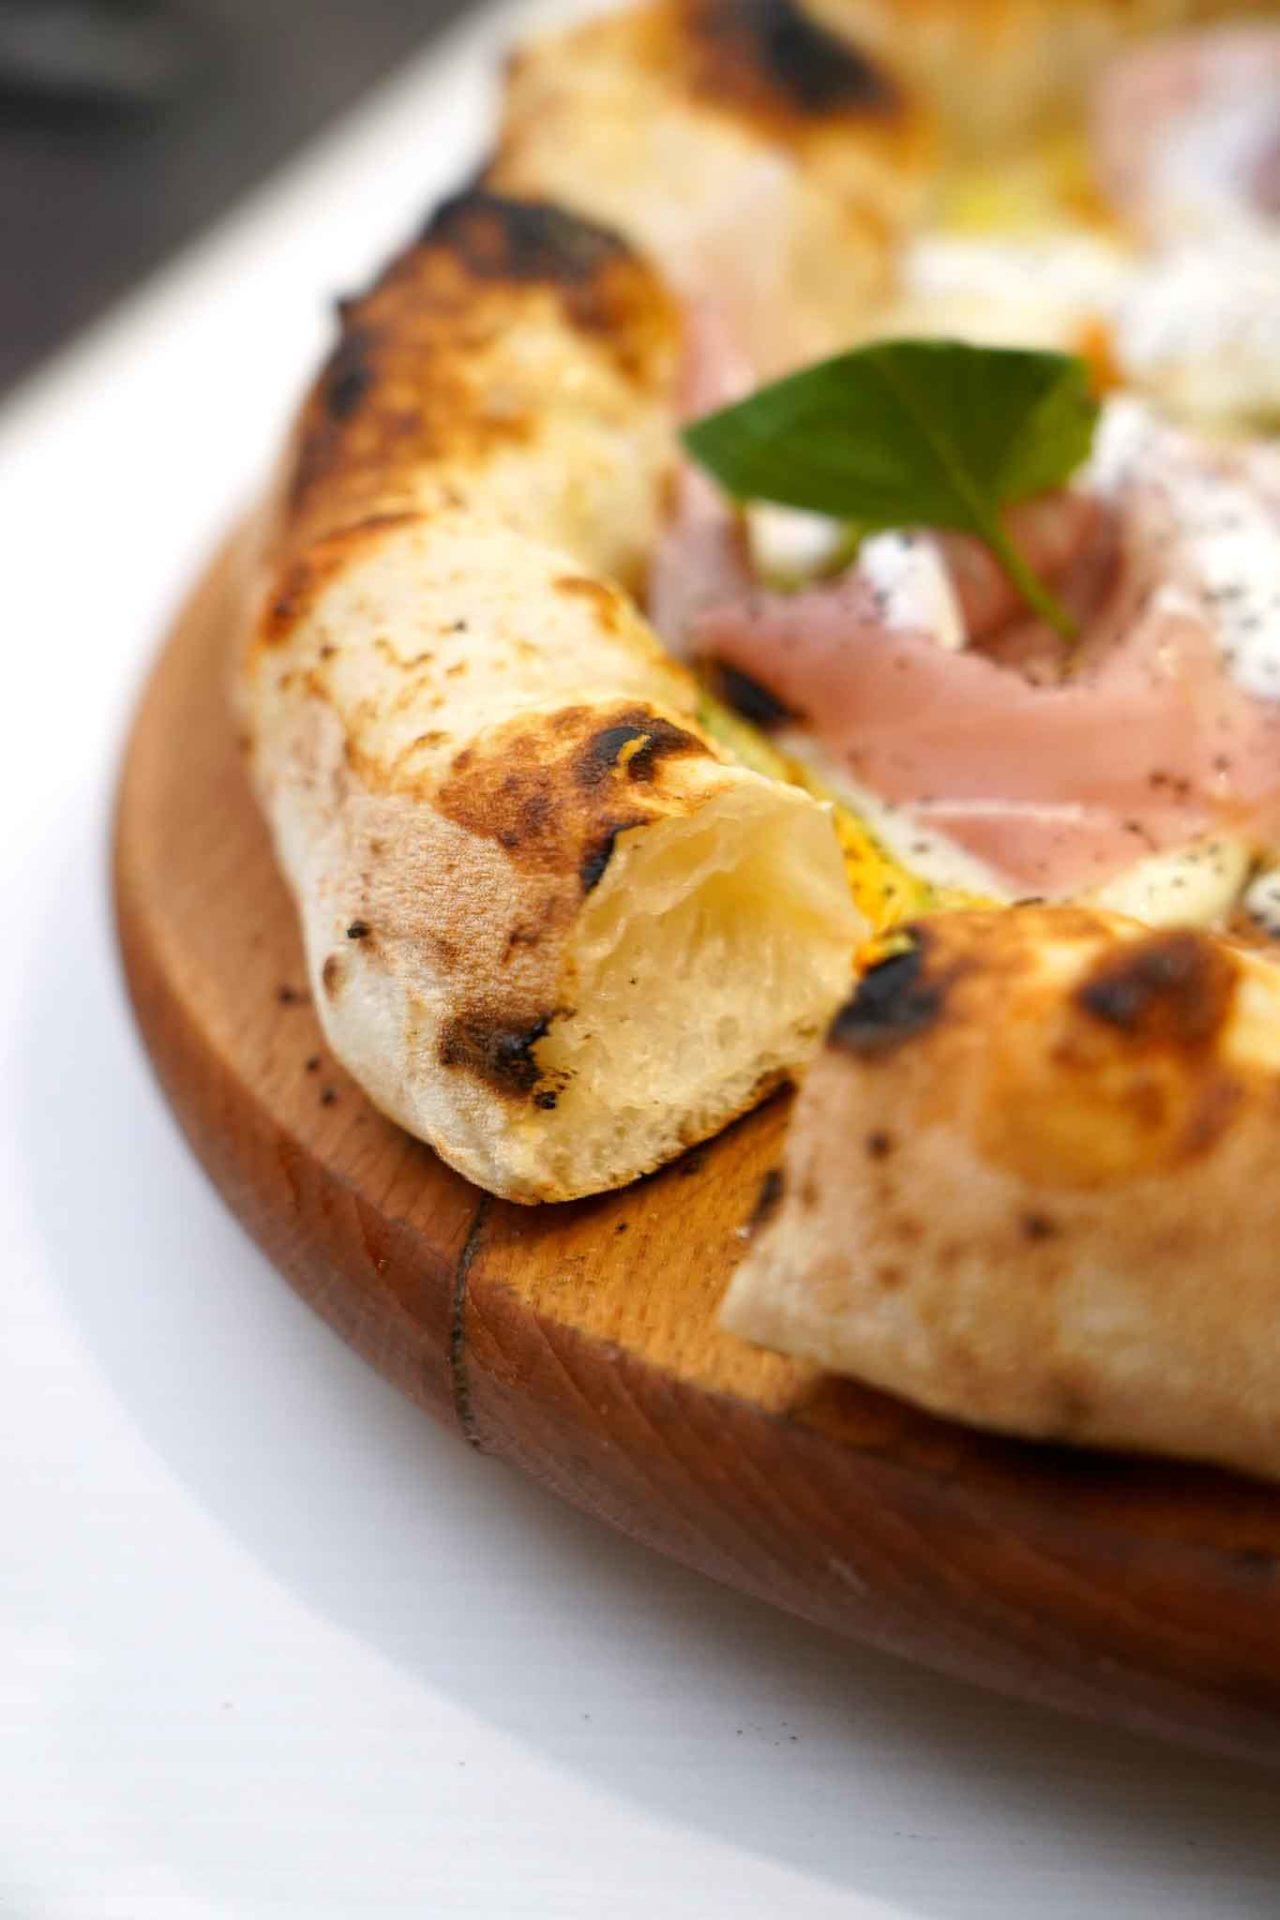 cornicione pizza oslo pizzeria I Fontana Somma Vesuviana